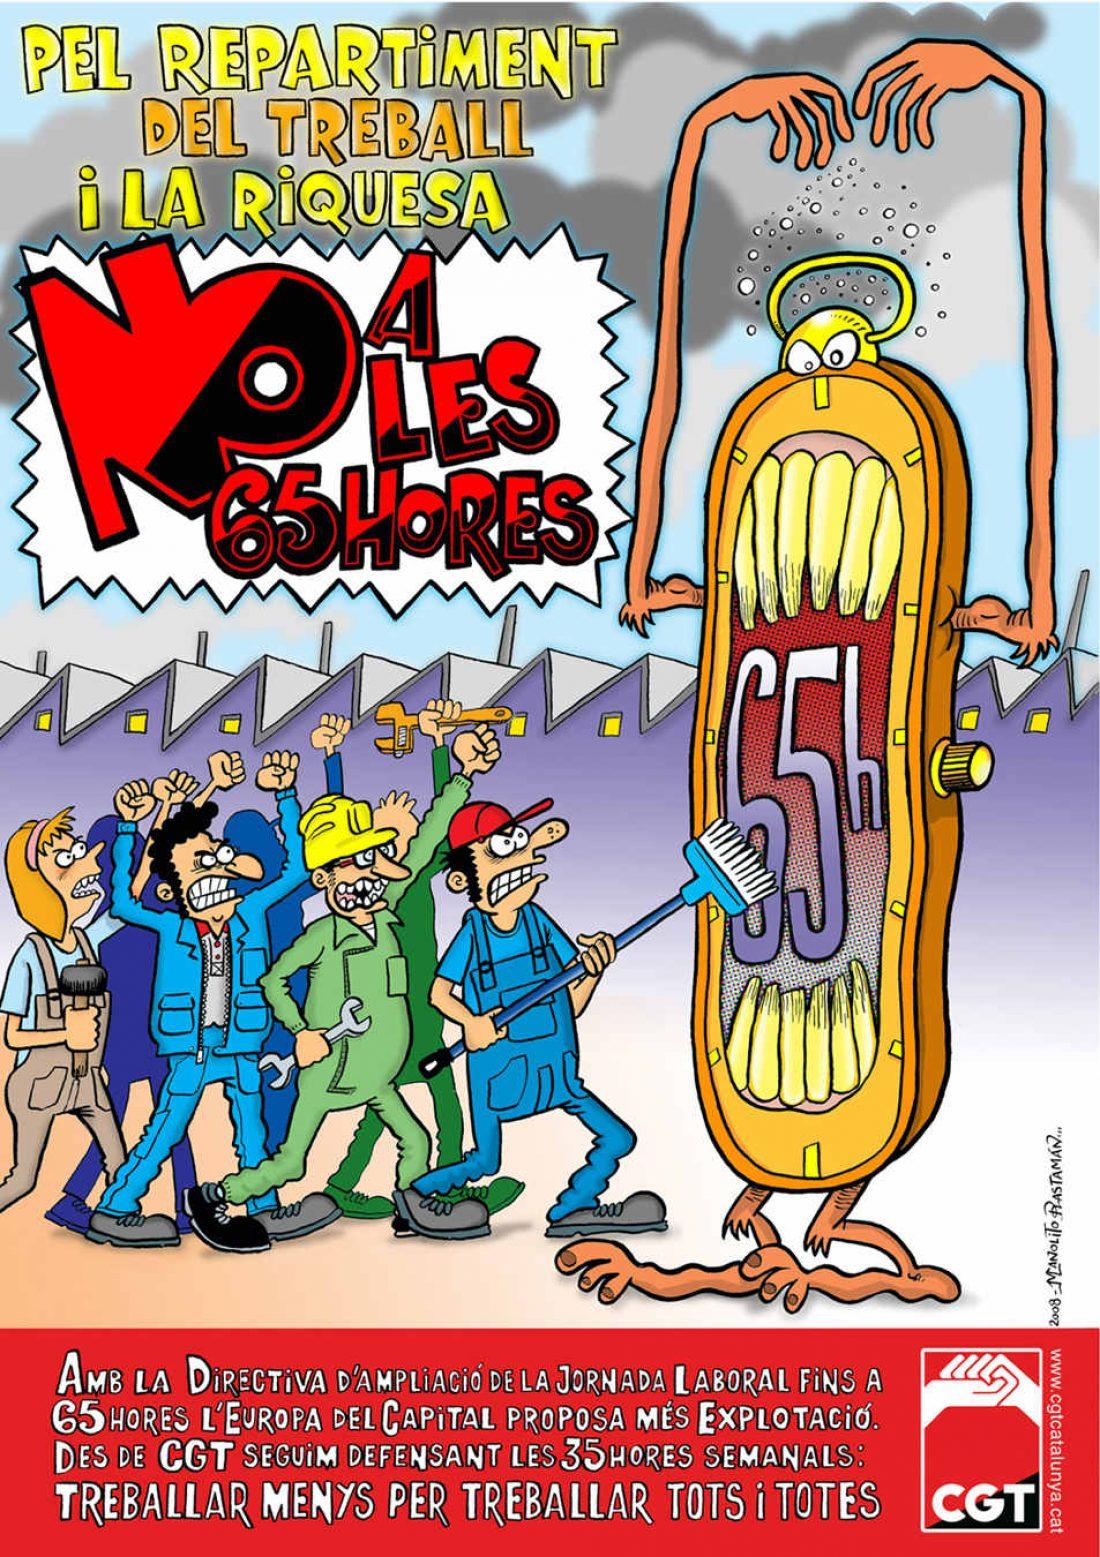 """La no aprobación de la """"Directiva de las 65 horas"""": ¿hay algo que celebrar?"""